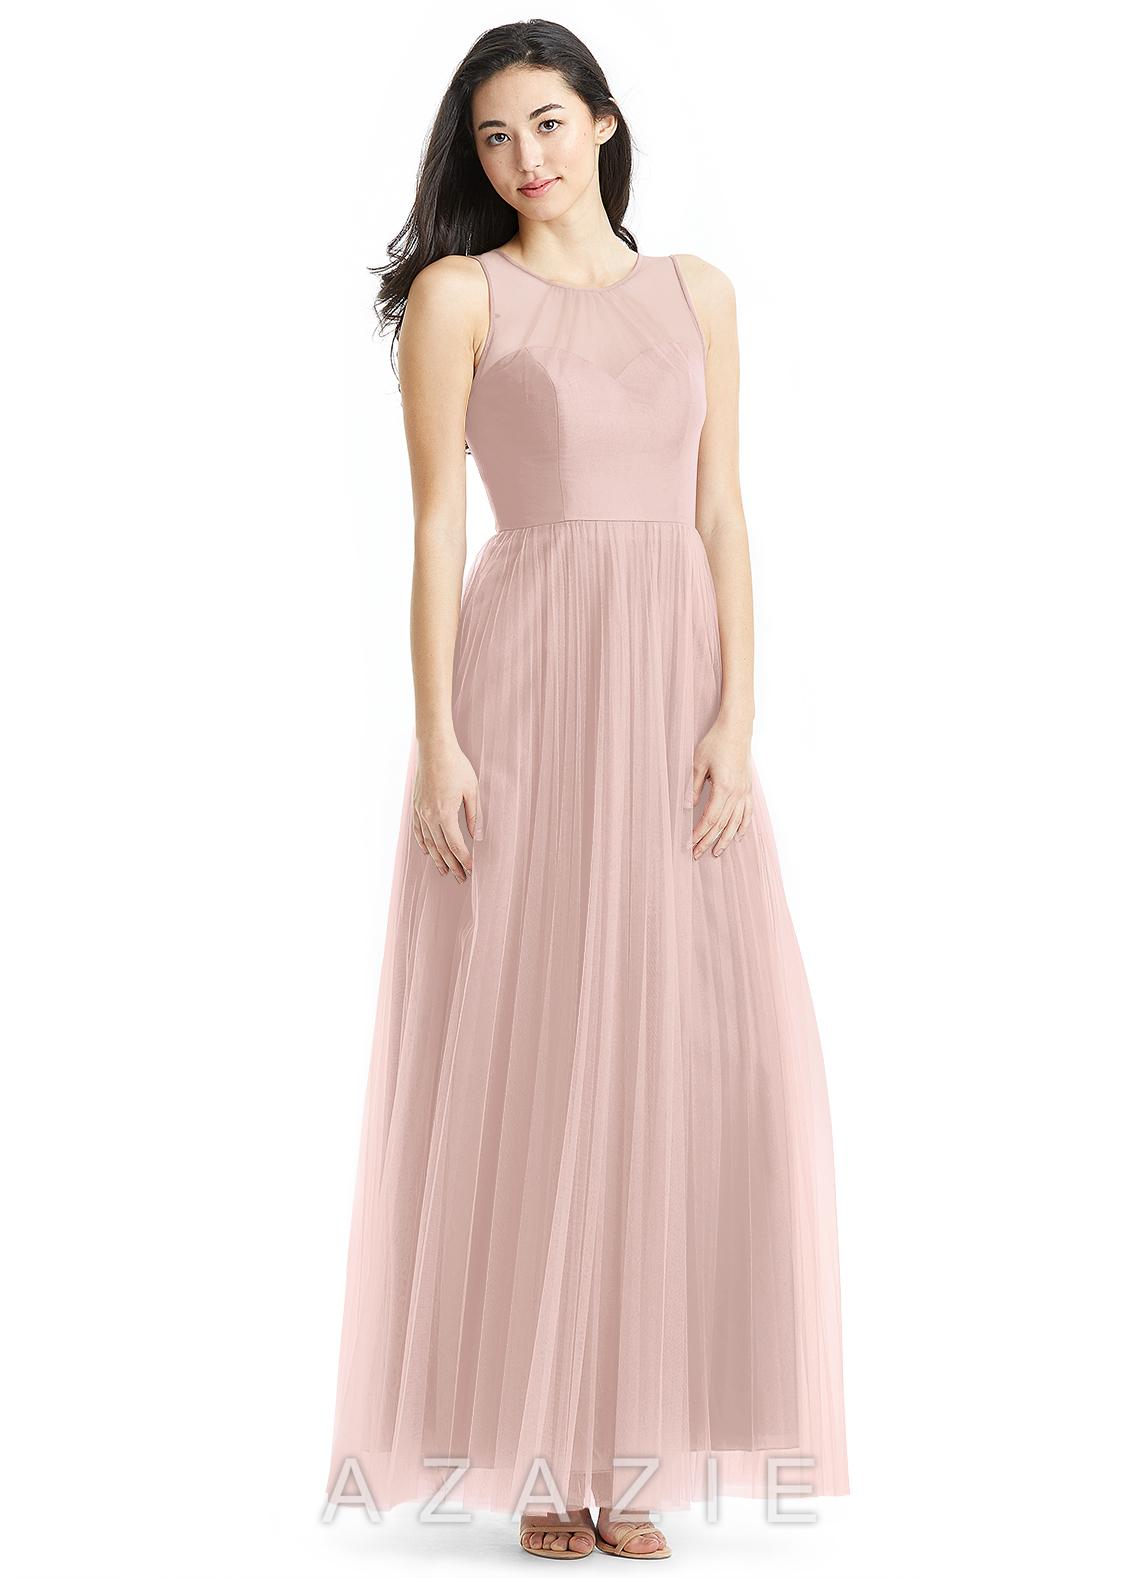 Azazie Denise Bridesmaid Dress | Azazie